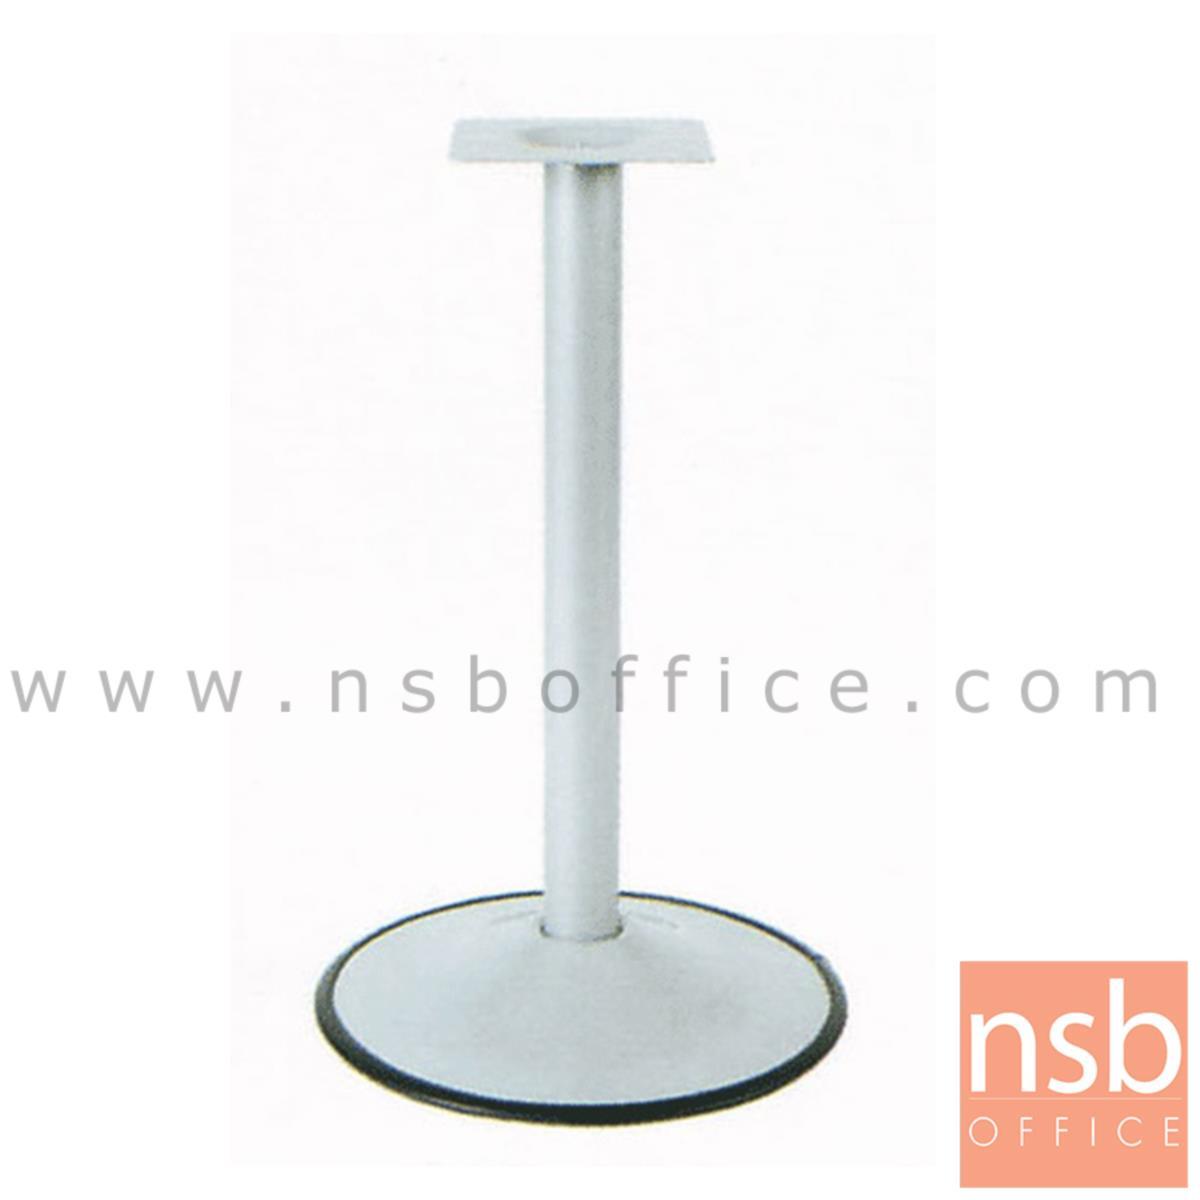 ขาโต๊ะบาร์ รุ่น Paulsen (พอลเซ็น) ขนาด 45W*70H cm.   ฐานรองเดินคิ้วยางรอบตัว